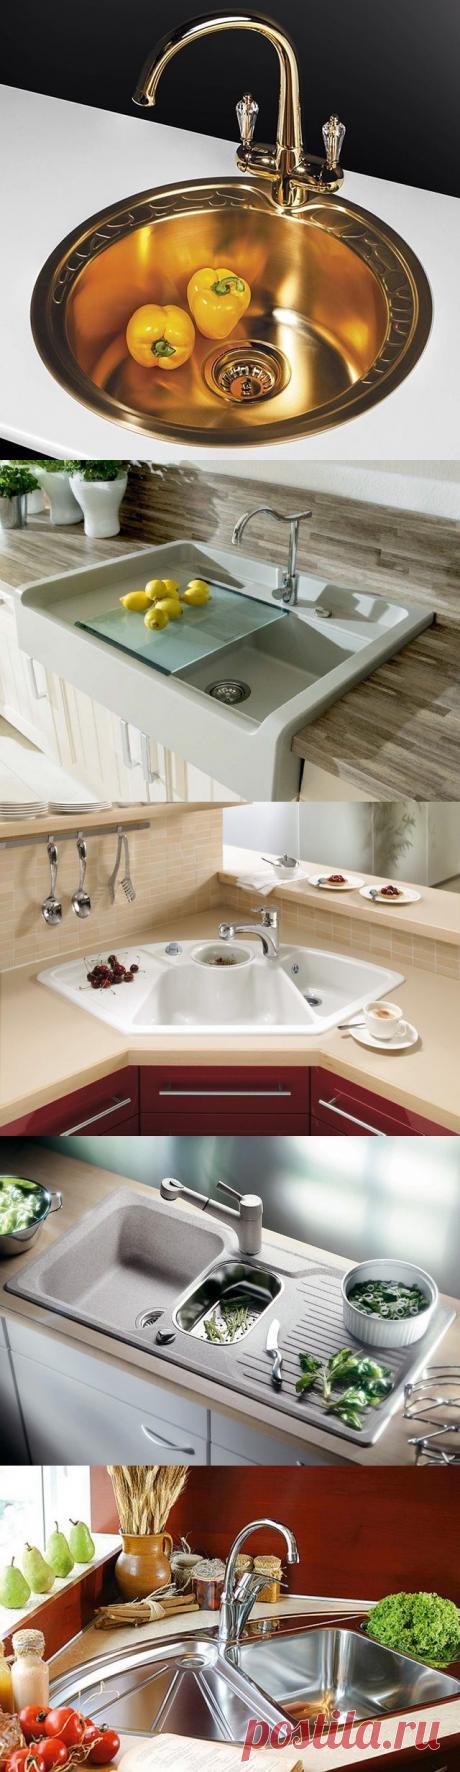 Мойки для кухни фото и, как правильно выбрать мойку для кухни.